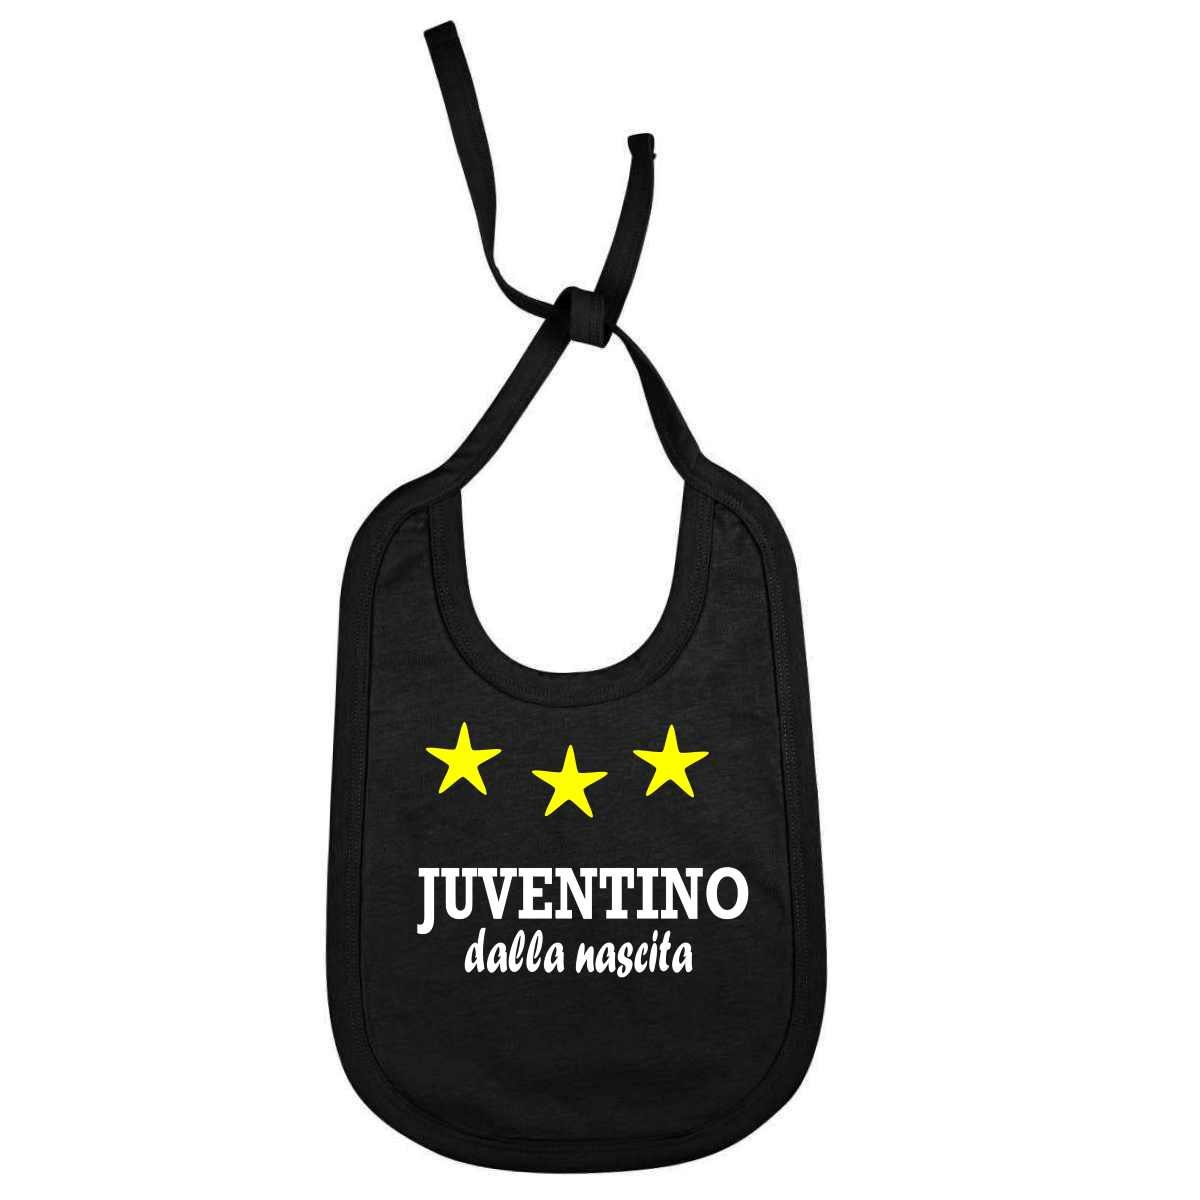 Bavaglino Personalizzato Juventino dalla nascita per piccoli tifosi della juventus juv-NE01 kar